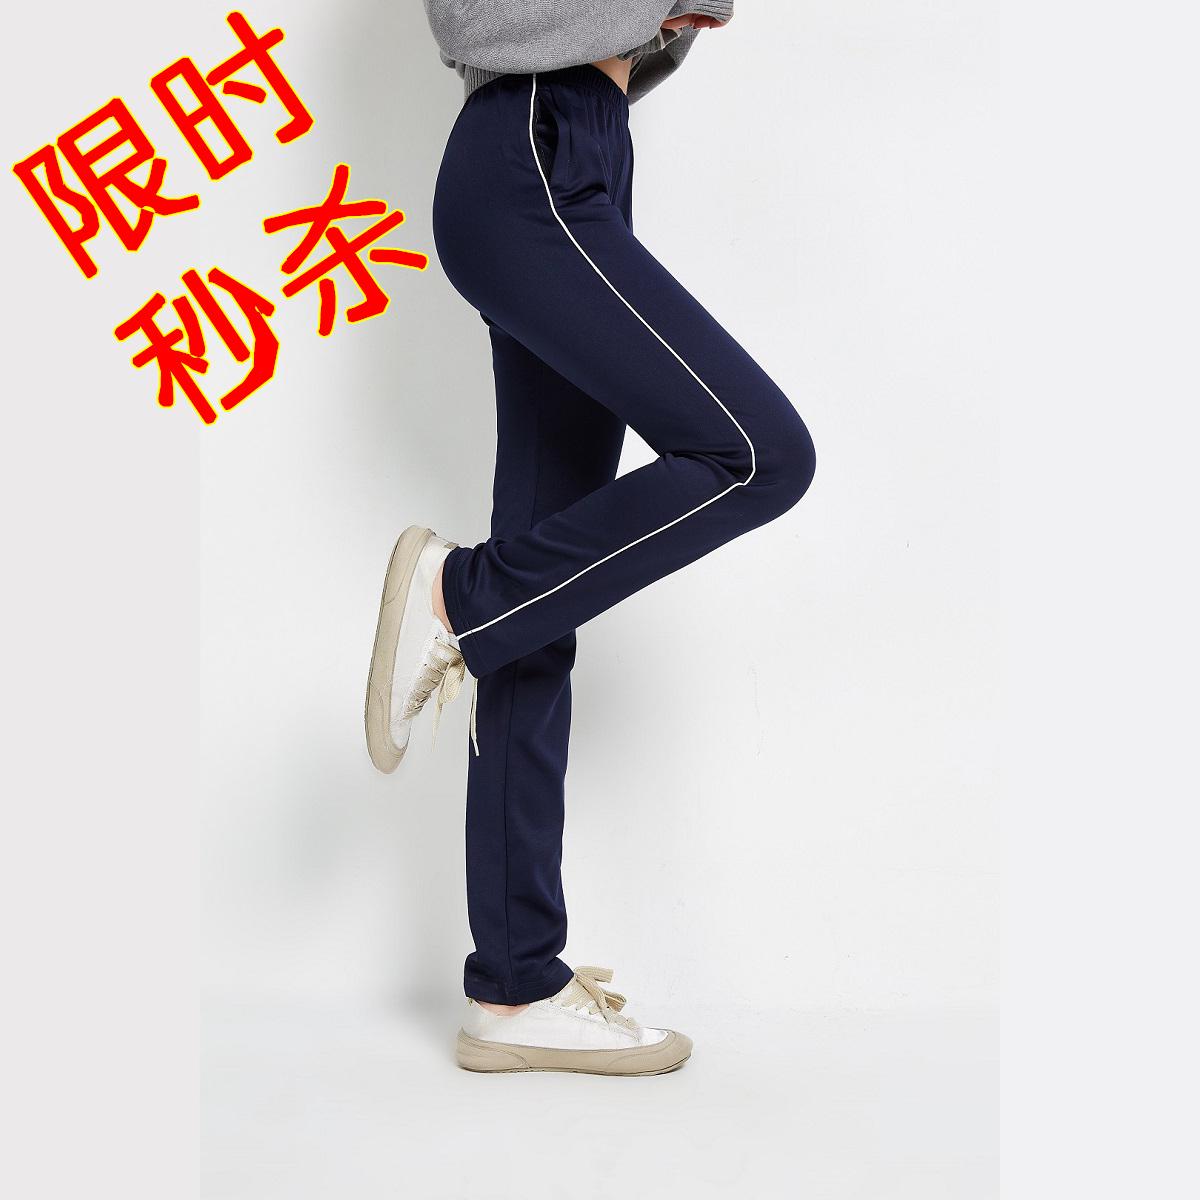 春夏薄款校服裤子男纯棉校裤女深蓝色白边一条杠学生校服裤涤纶裤